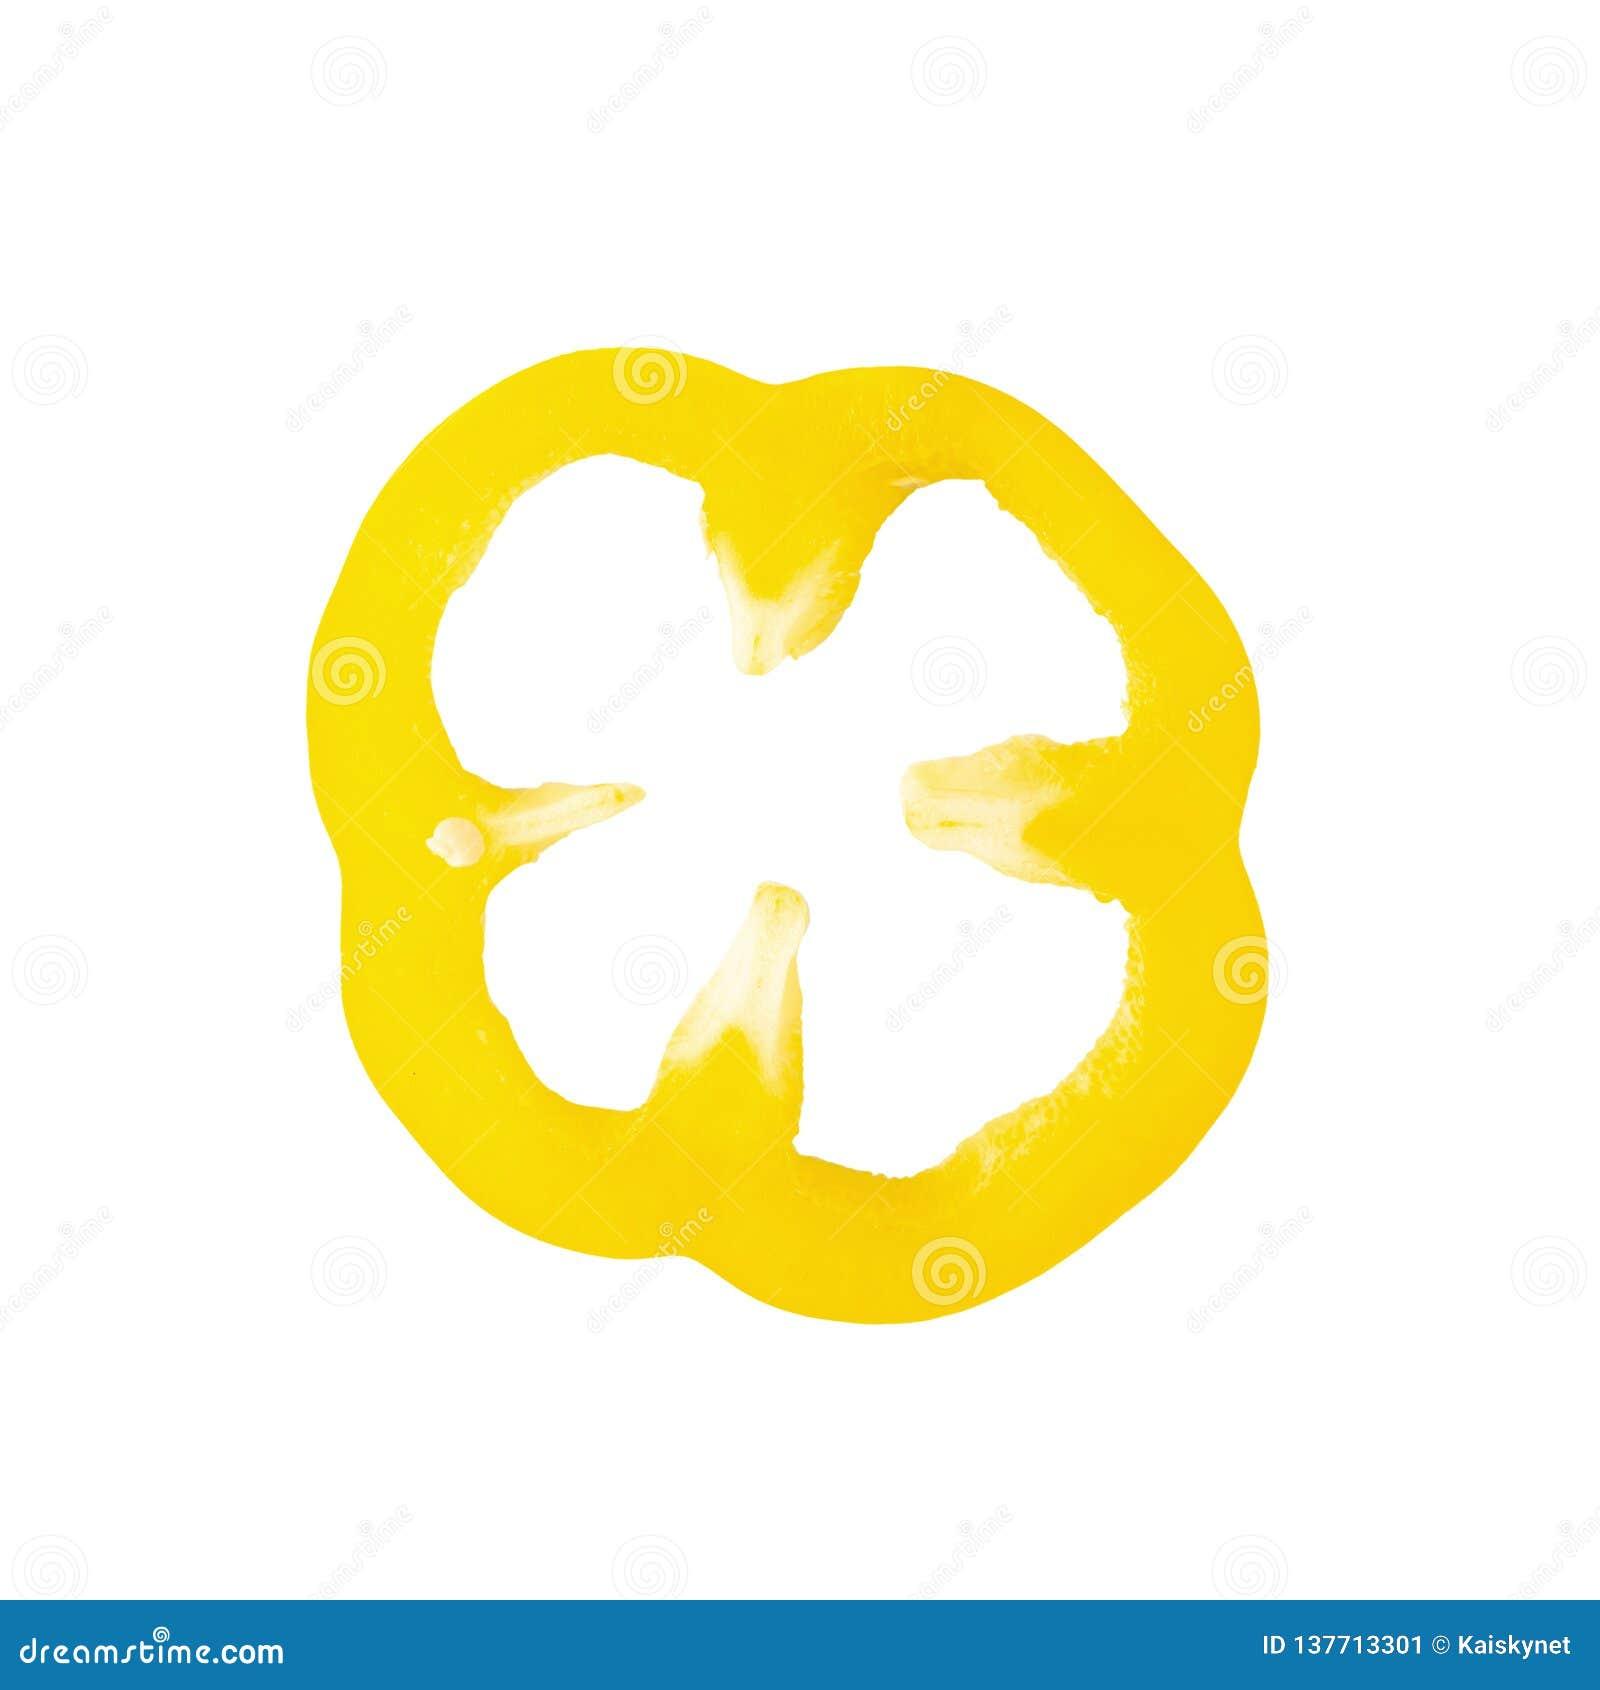 сладкий желтый перец изолированный над белой предпосылкой